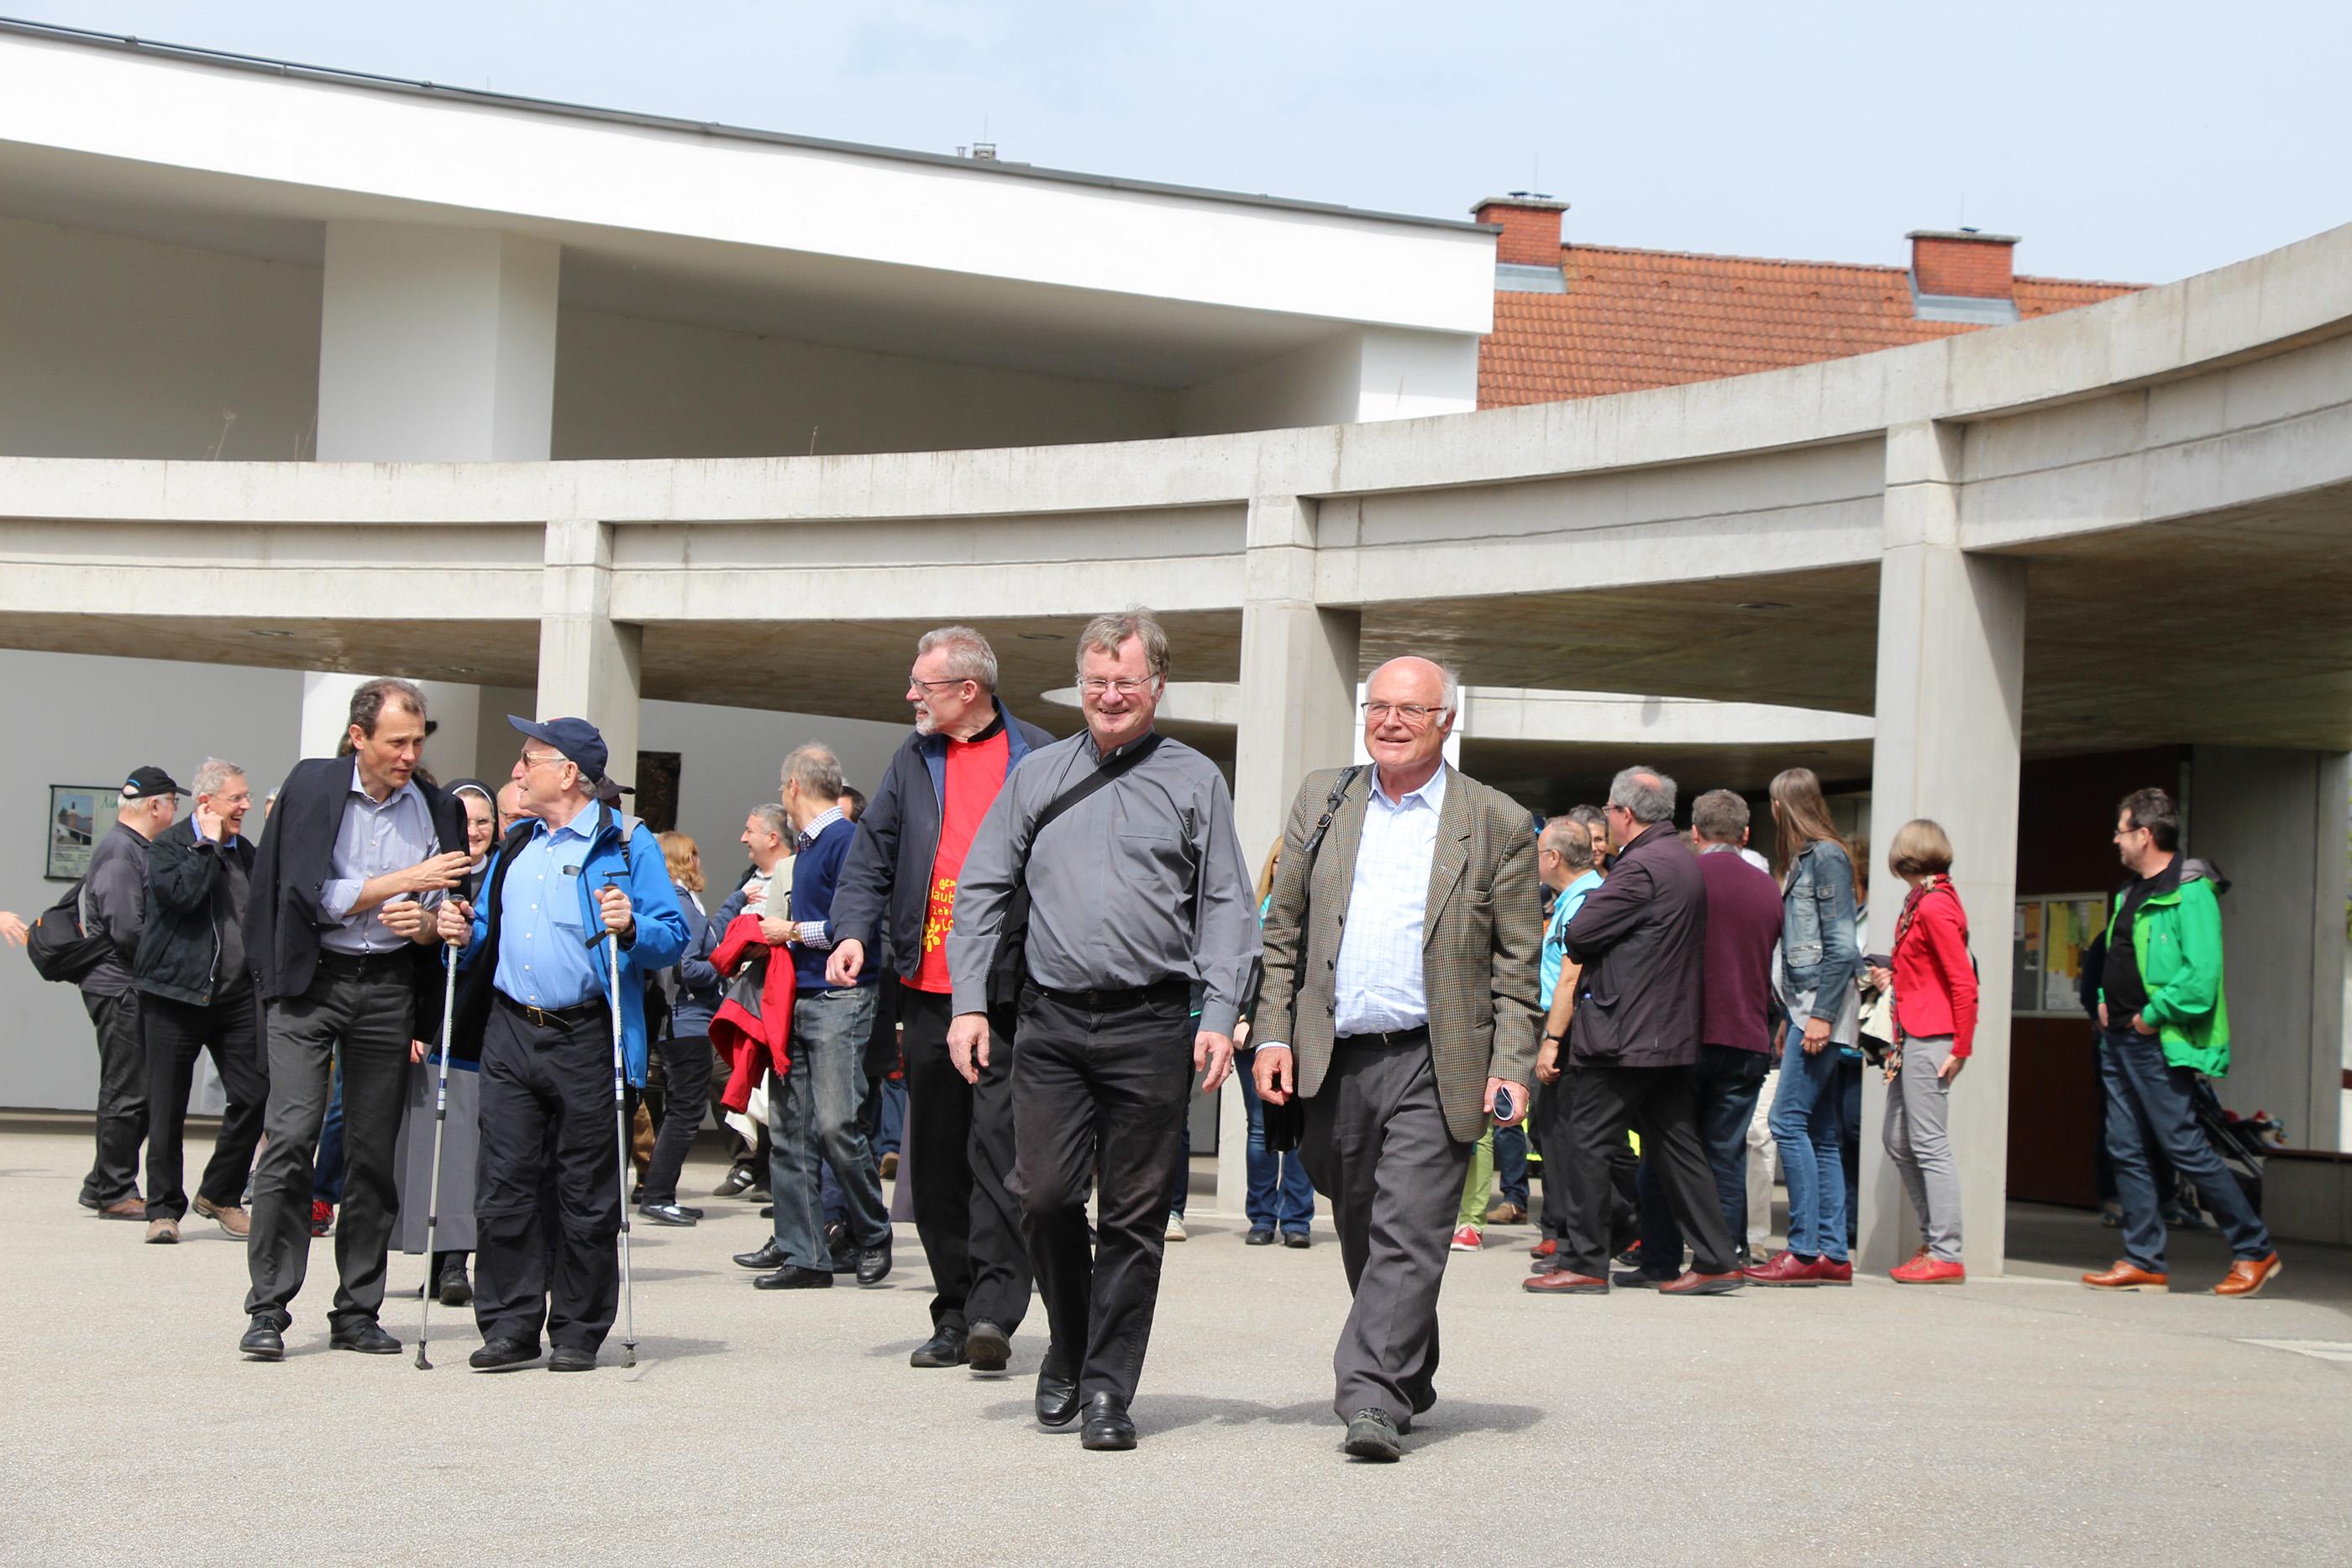 LMS Leonding - Chor - Landesmusikschule Leonding